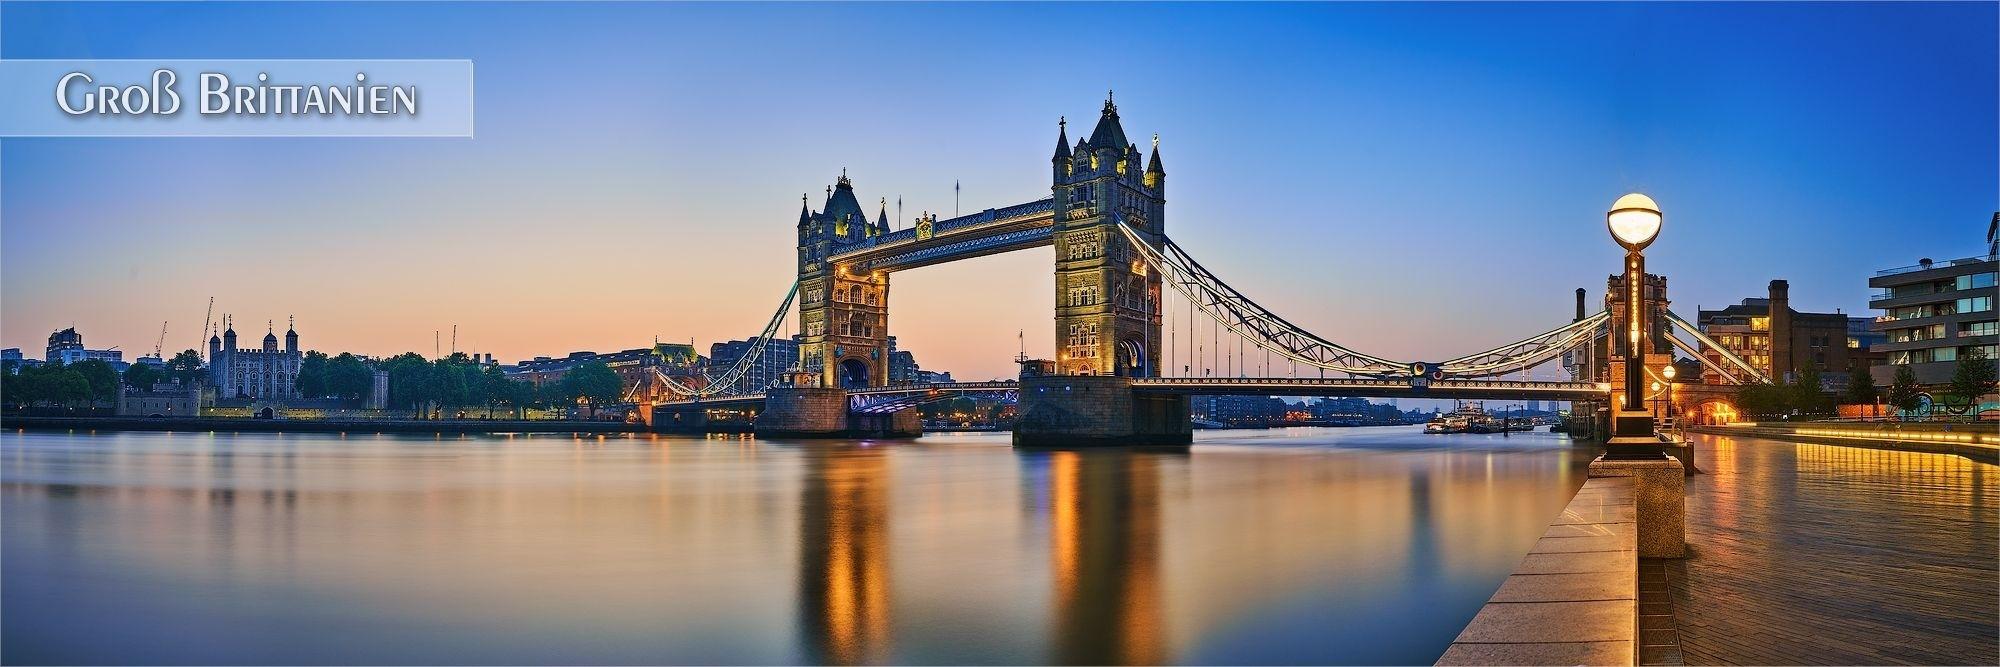 Bilder aus Groß Britannien als Wandbild oder Küchenrückwand